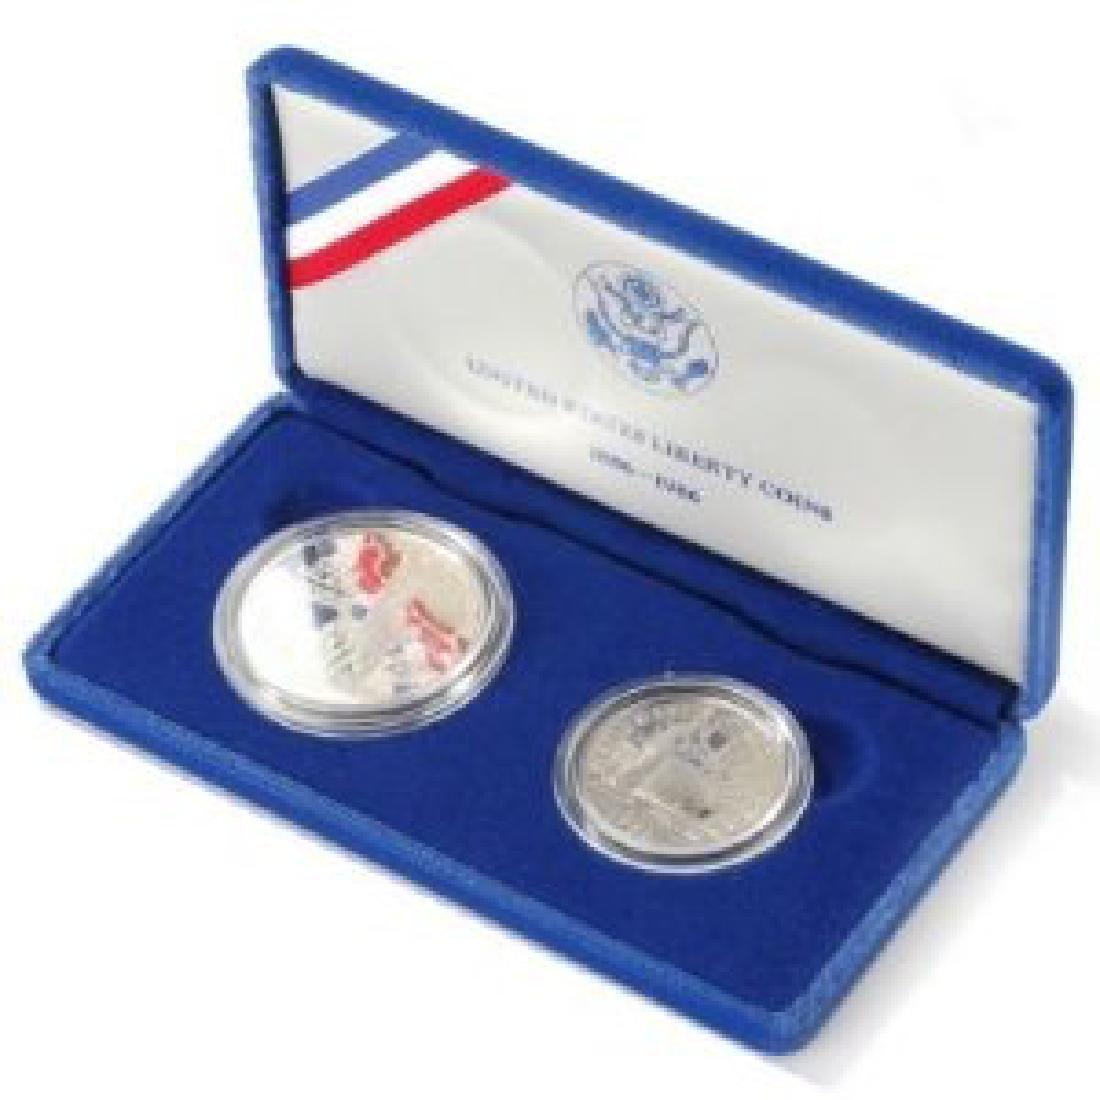 1986 Statue of Liberty 2 coin Commemorative